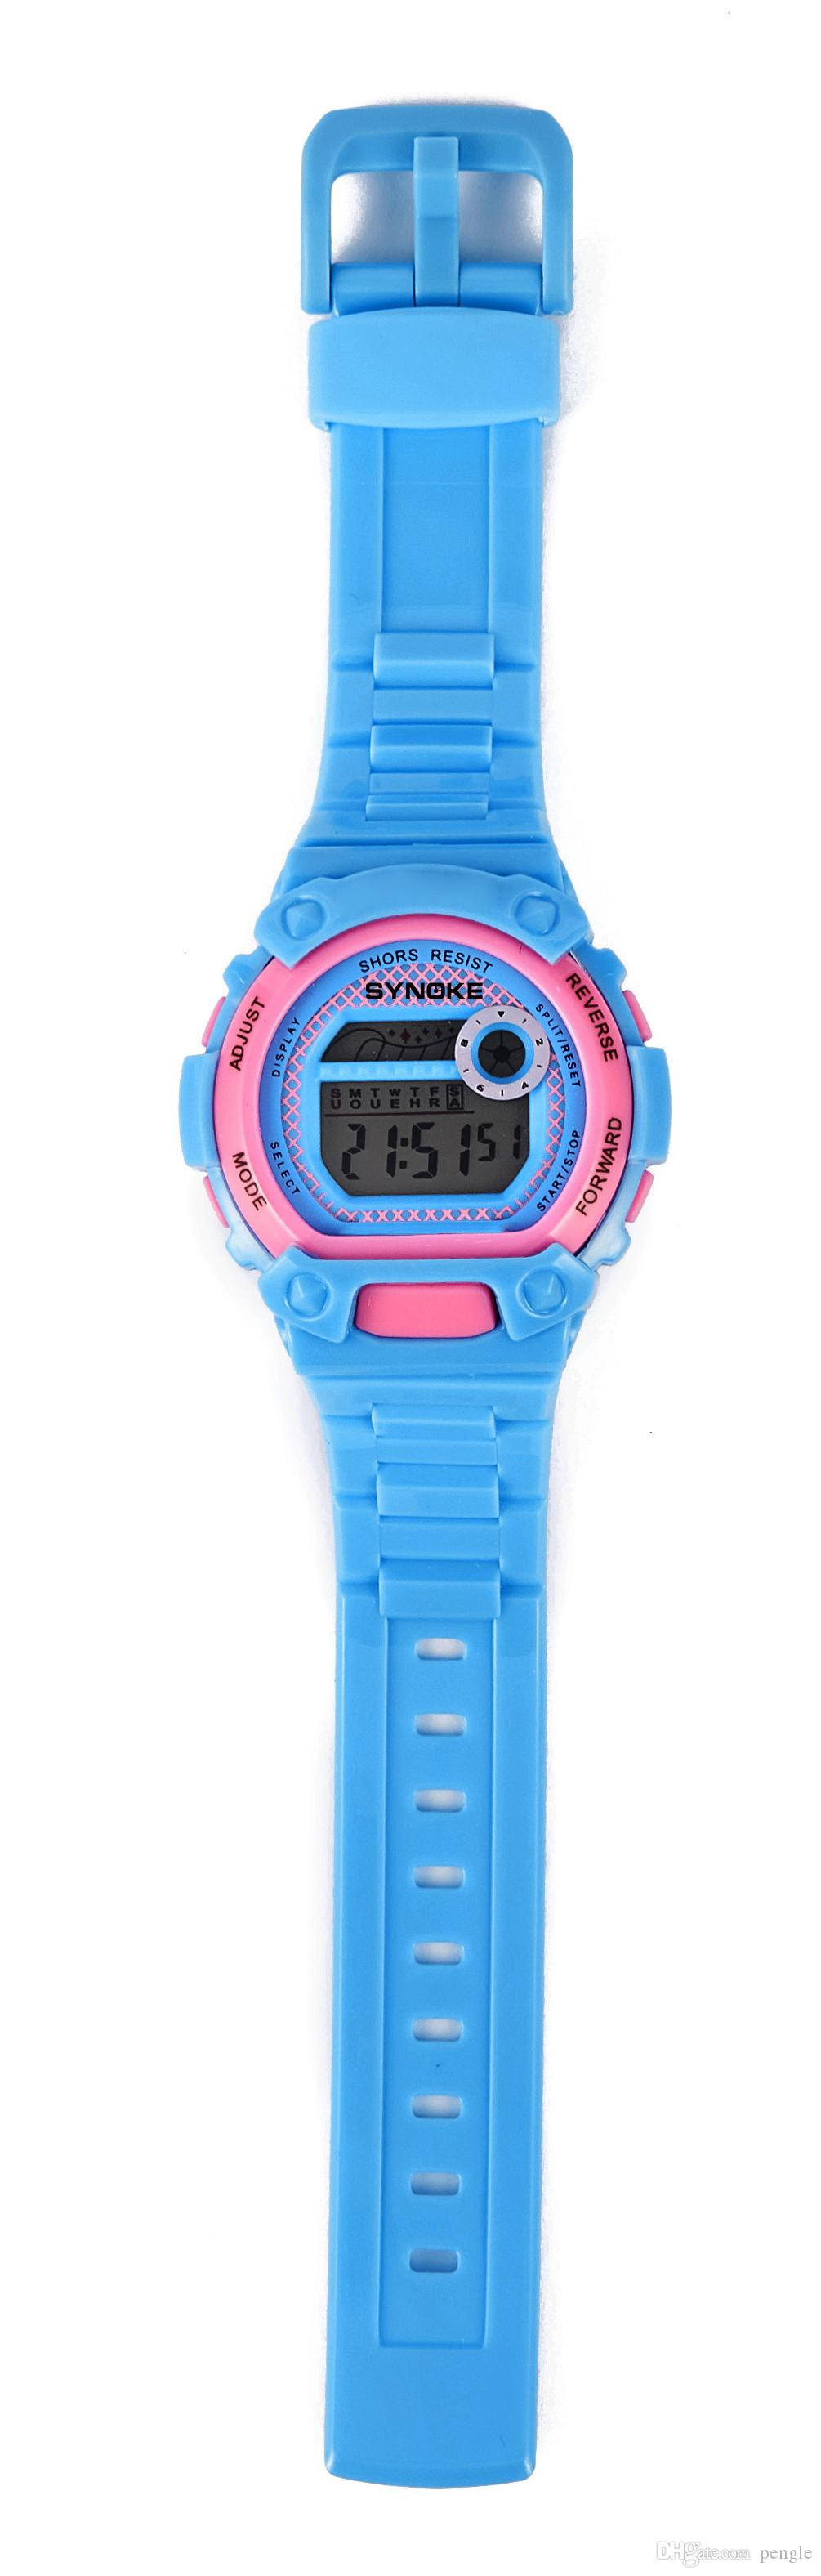 حار بيع الأزياء الحياة للماء سيليكون الرياضة ووتش جولة الطلب الصمام الساعات الرقمية للأطفال هدية